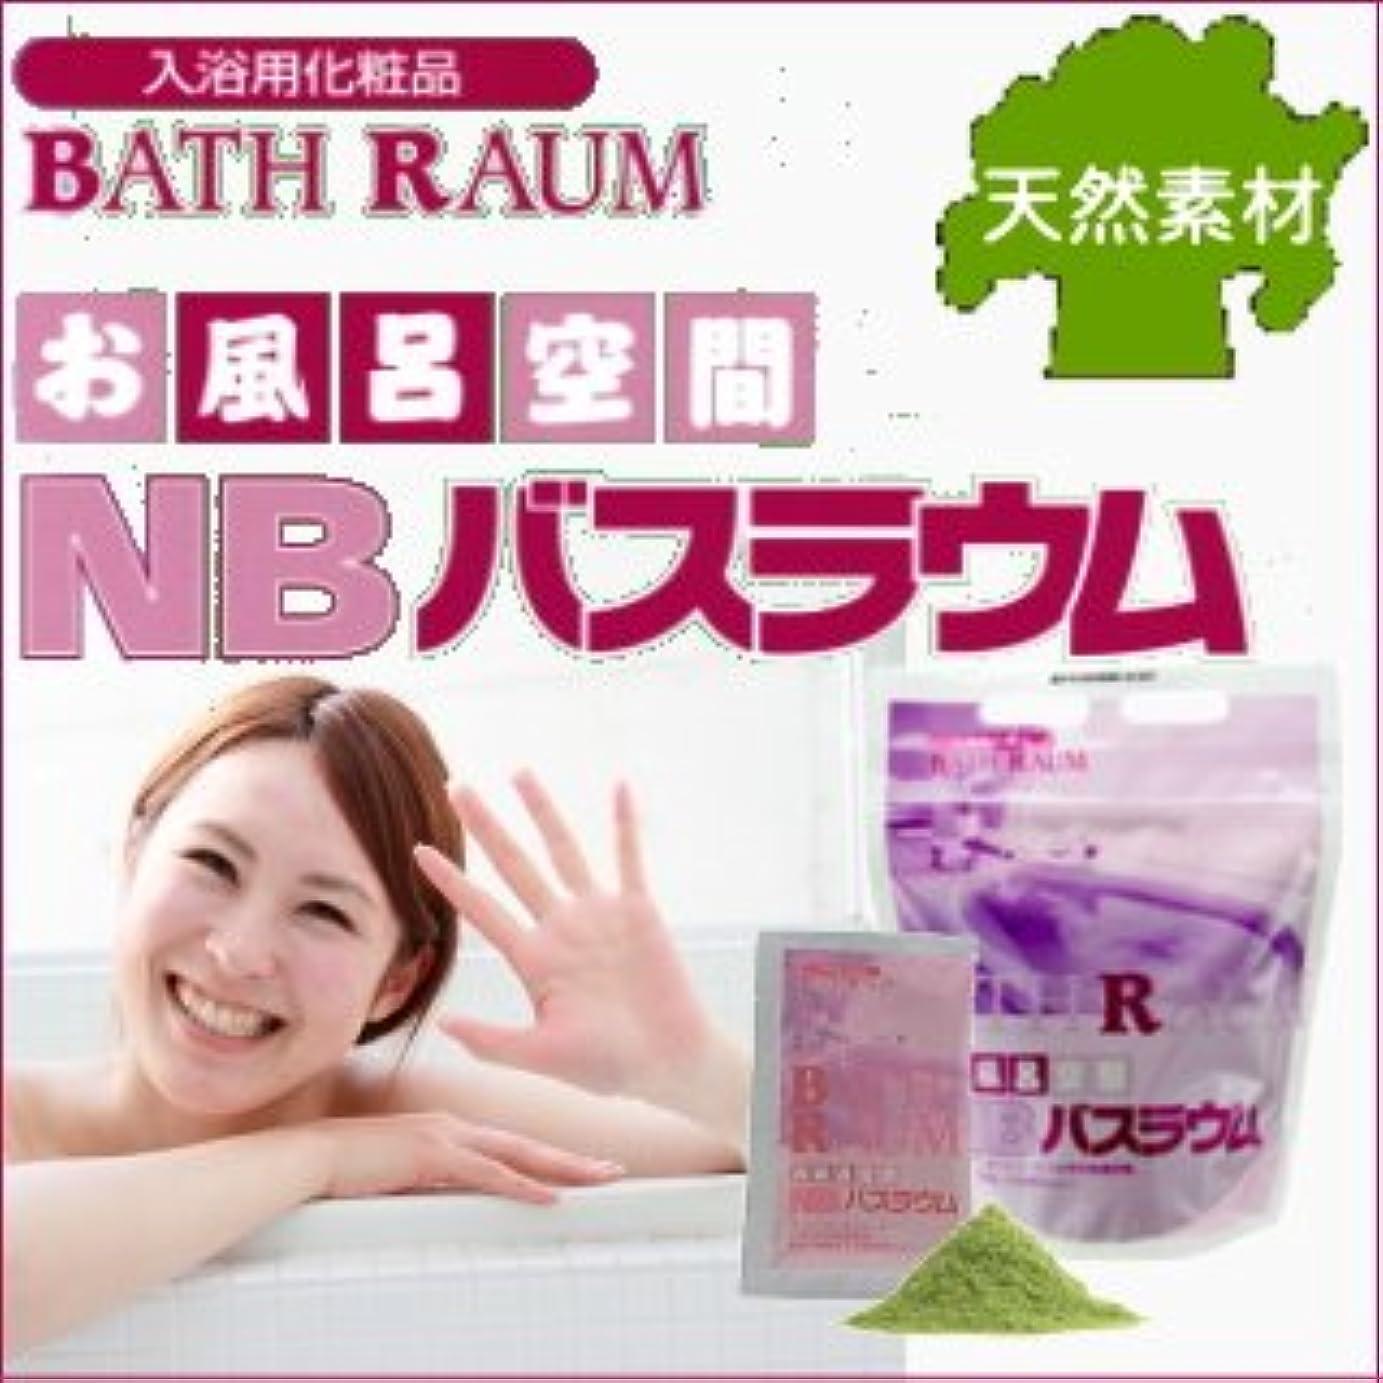 複製噂不毛入浴用化粧品バスラウム 徳用1袋 約1ヶ月分(1.5Kg×1袋)